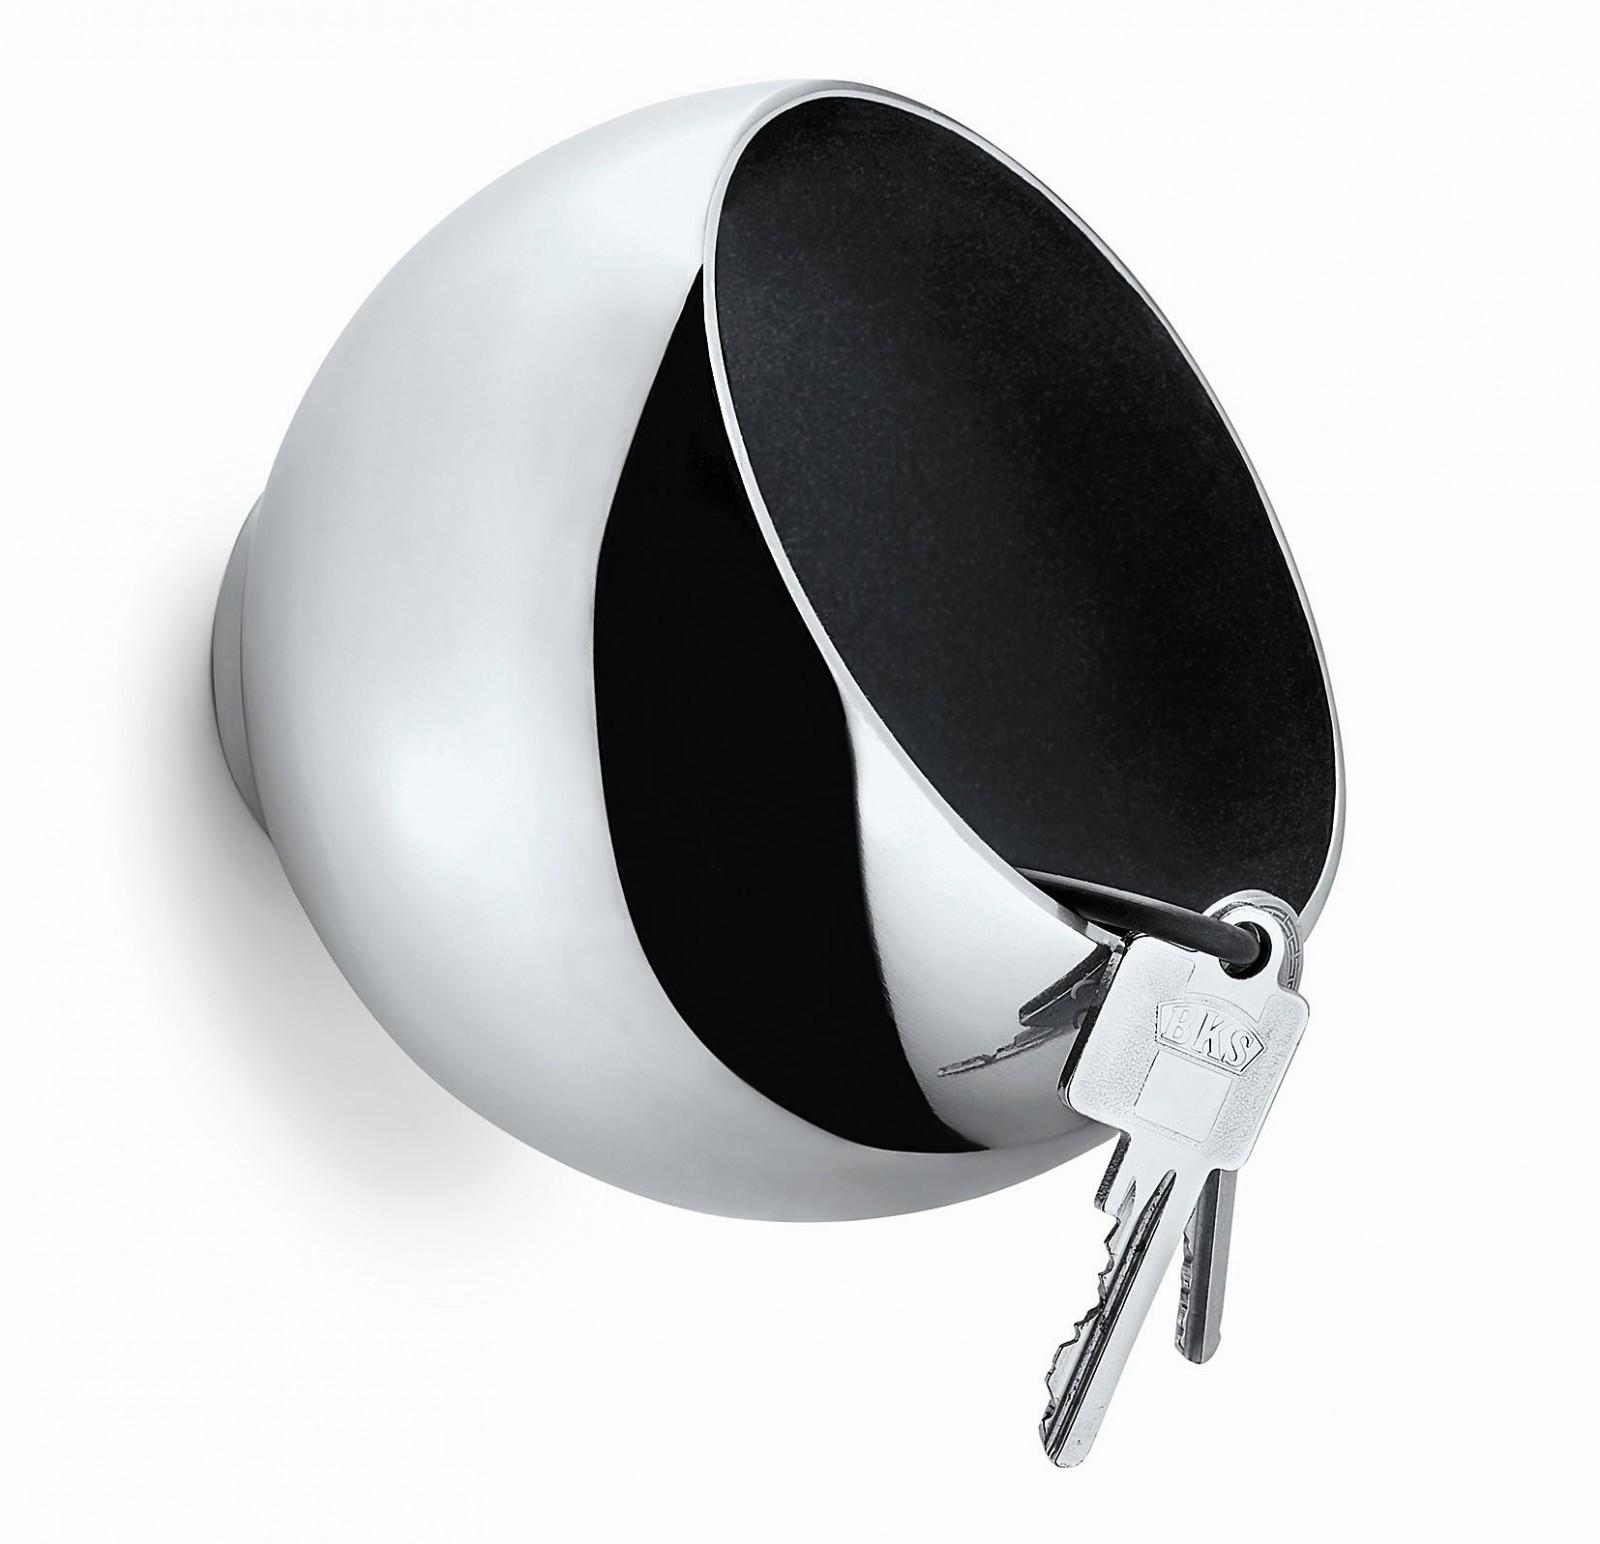 garderobenkugel garderobenhaken philippi sphere. Black Bedroom Furniture Sets. Home Design Ideas